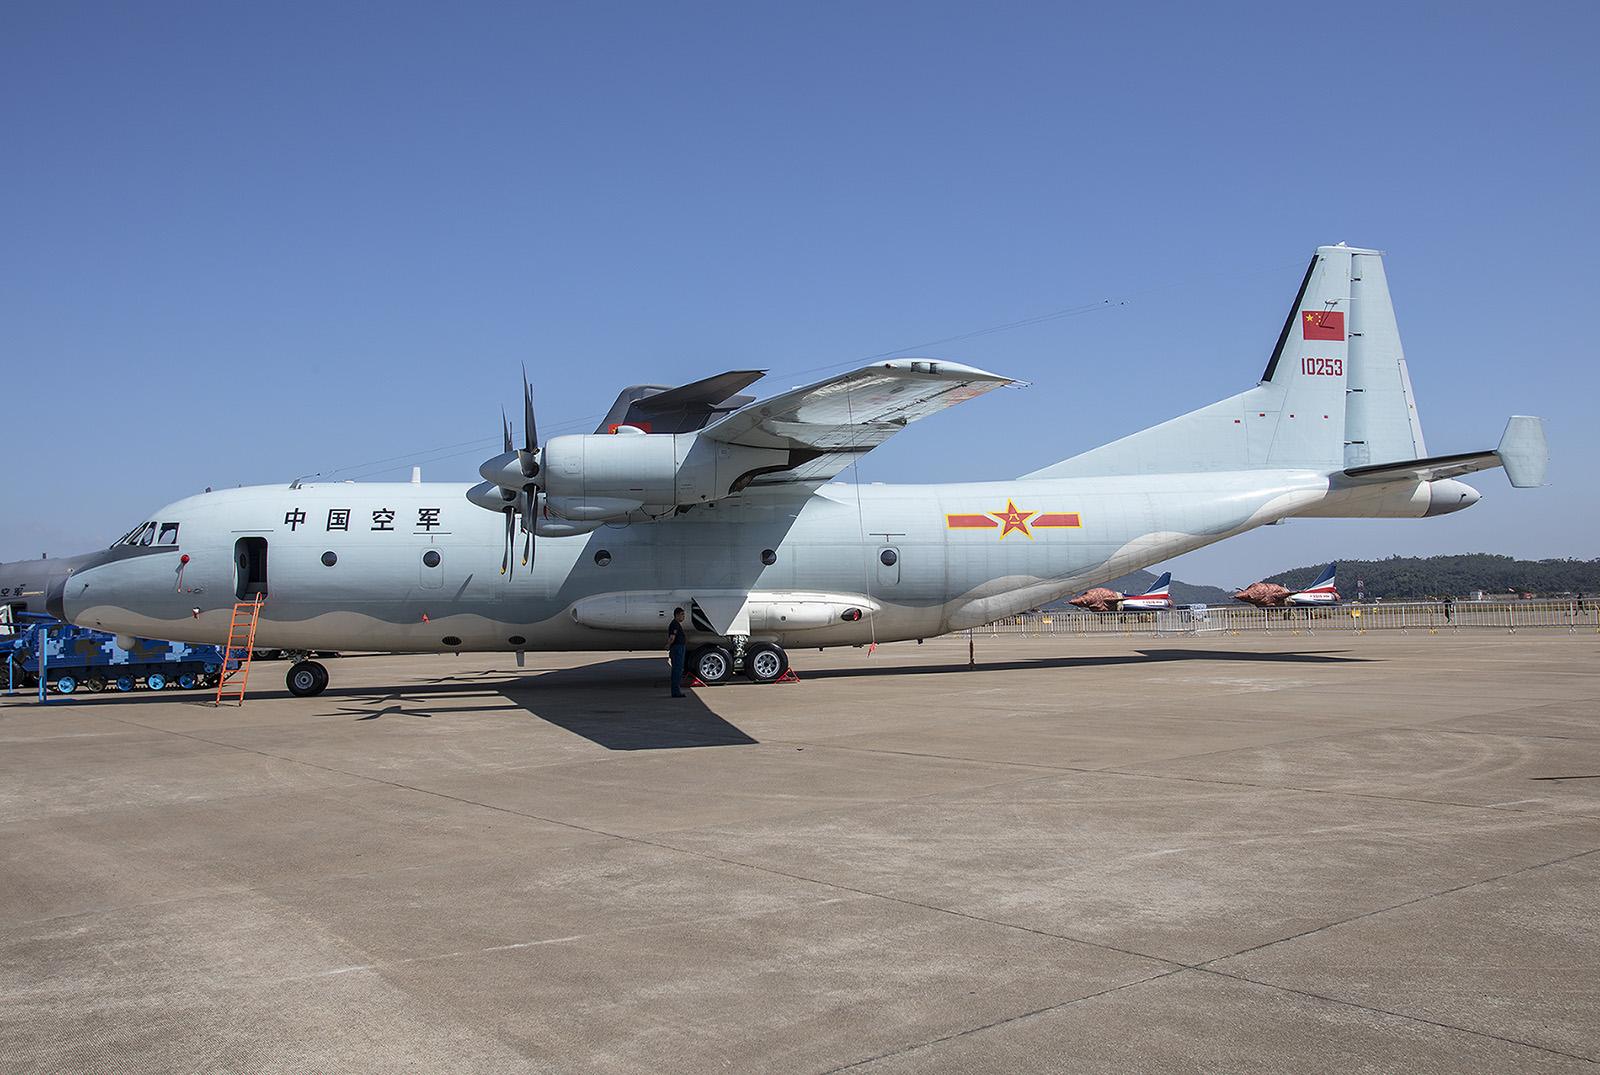 Propellerflugzeuge müssen nicht zwangsläufig alt sein. Die Shaanxi Y-9 ist ein moderner mittlerer Transporter, der erstmals 2011 gesichtet wurde.